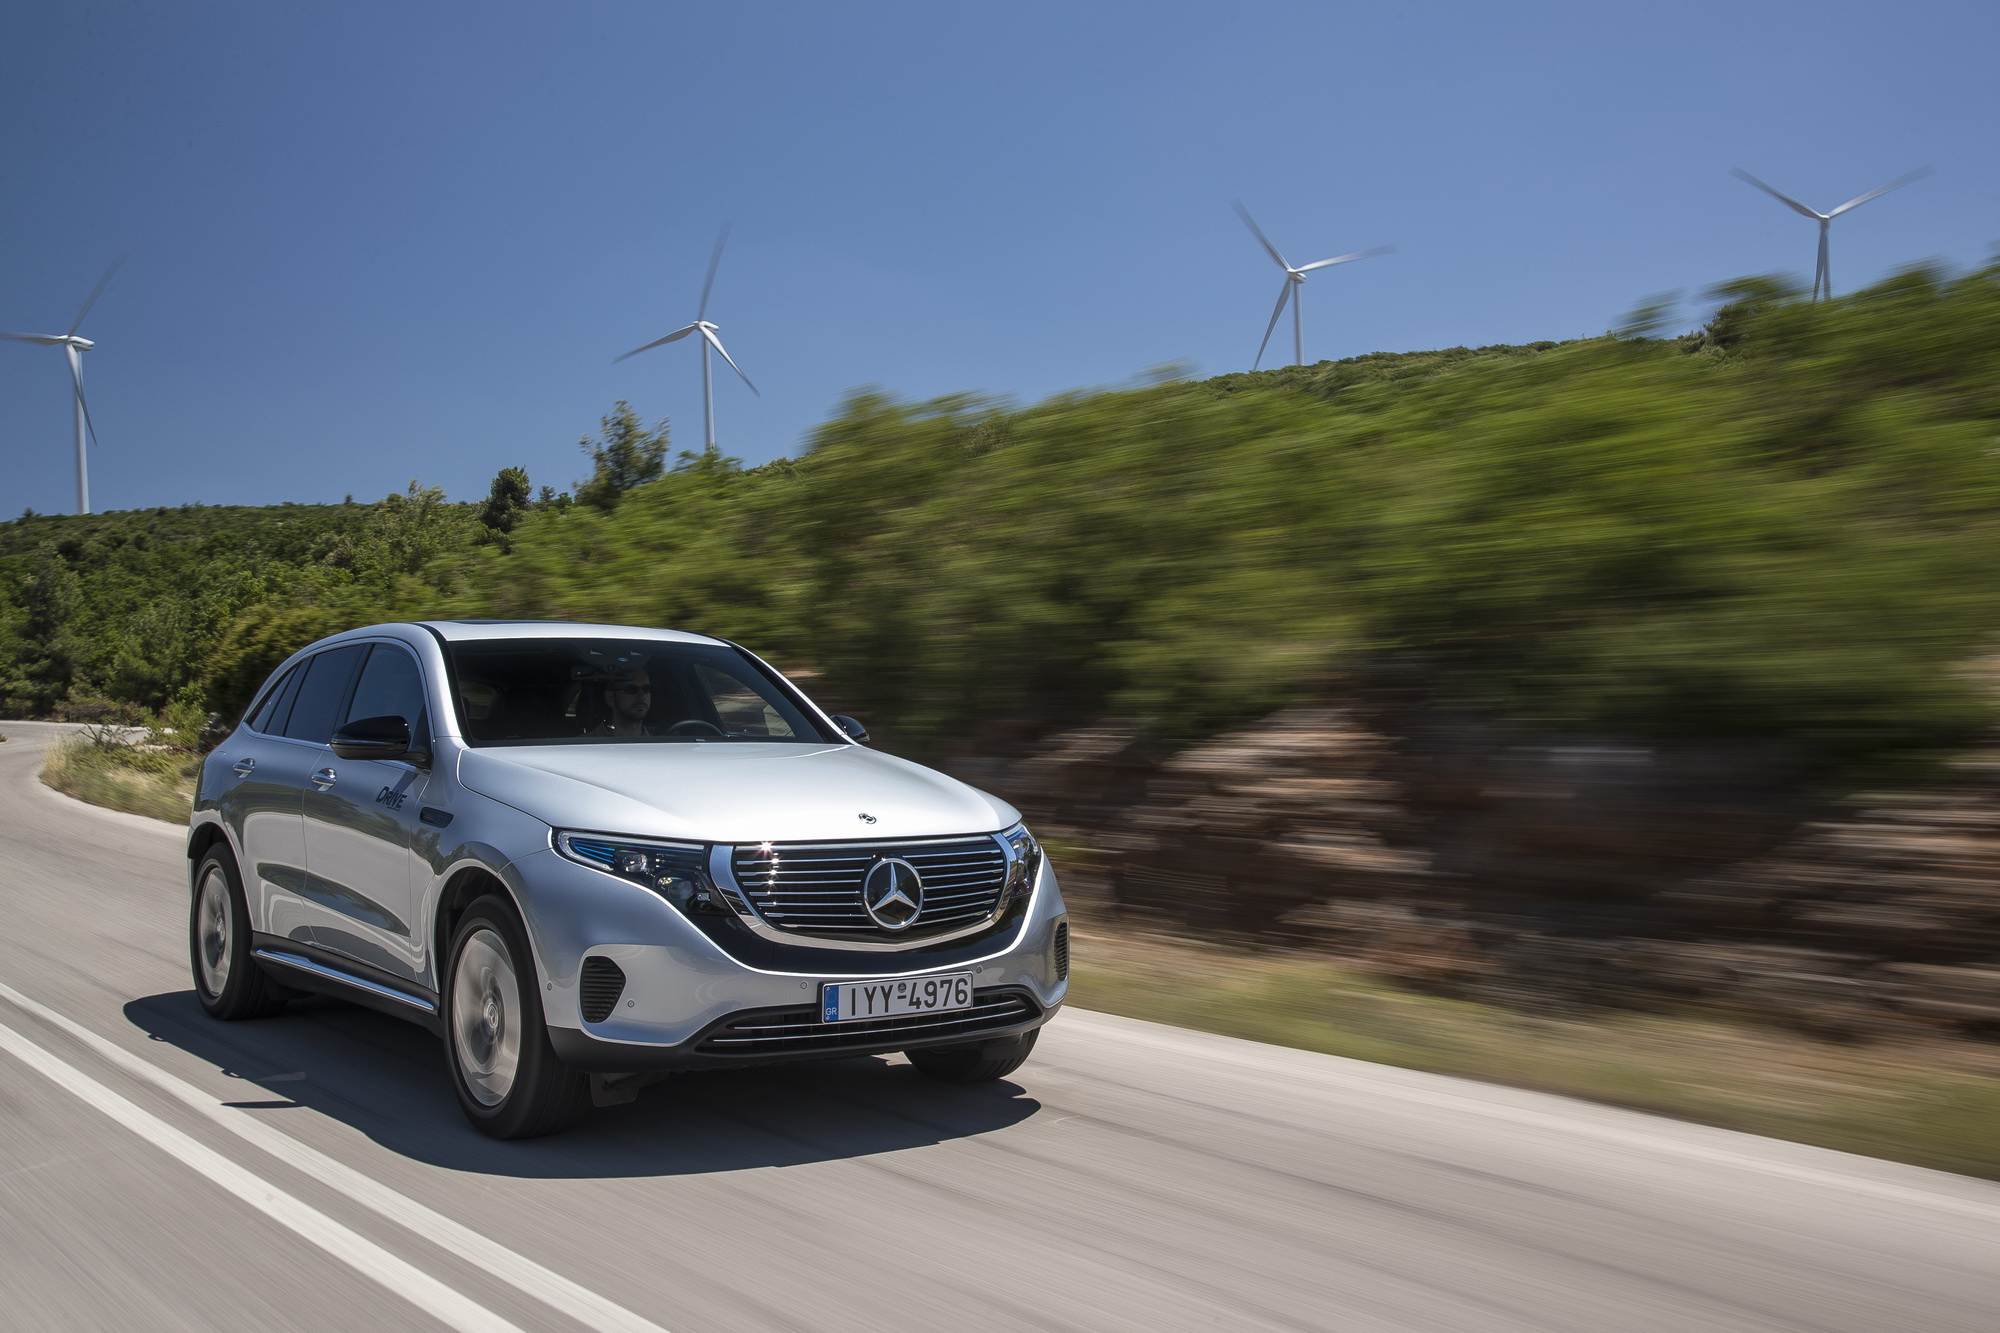 Οδηγούμε την ηλεκτρική Mercedes-Benz EQC 400 4MATIC [pics]